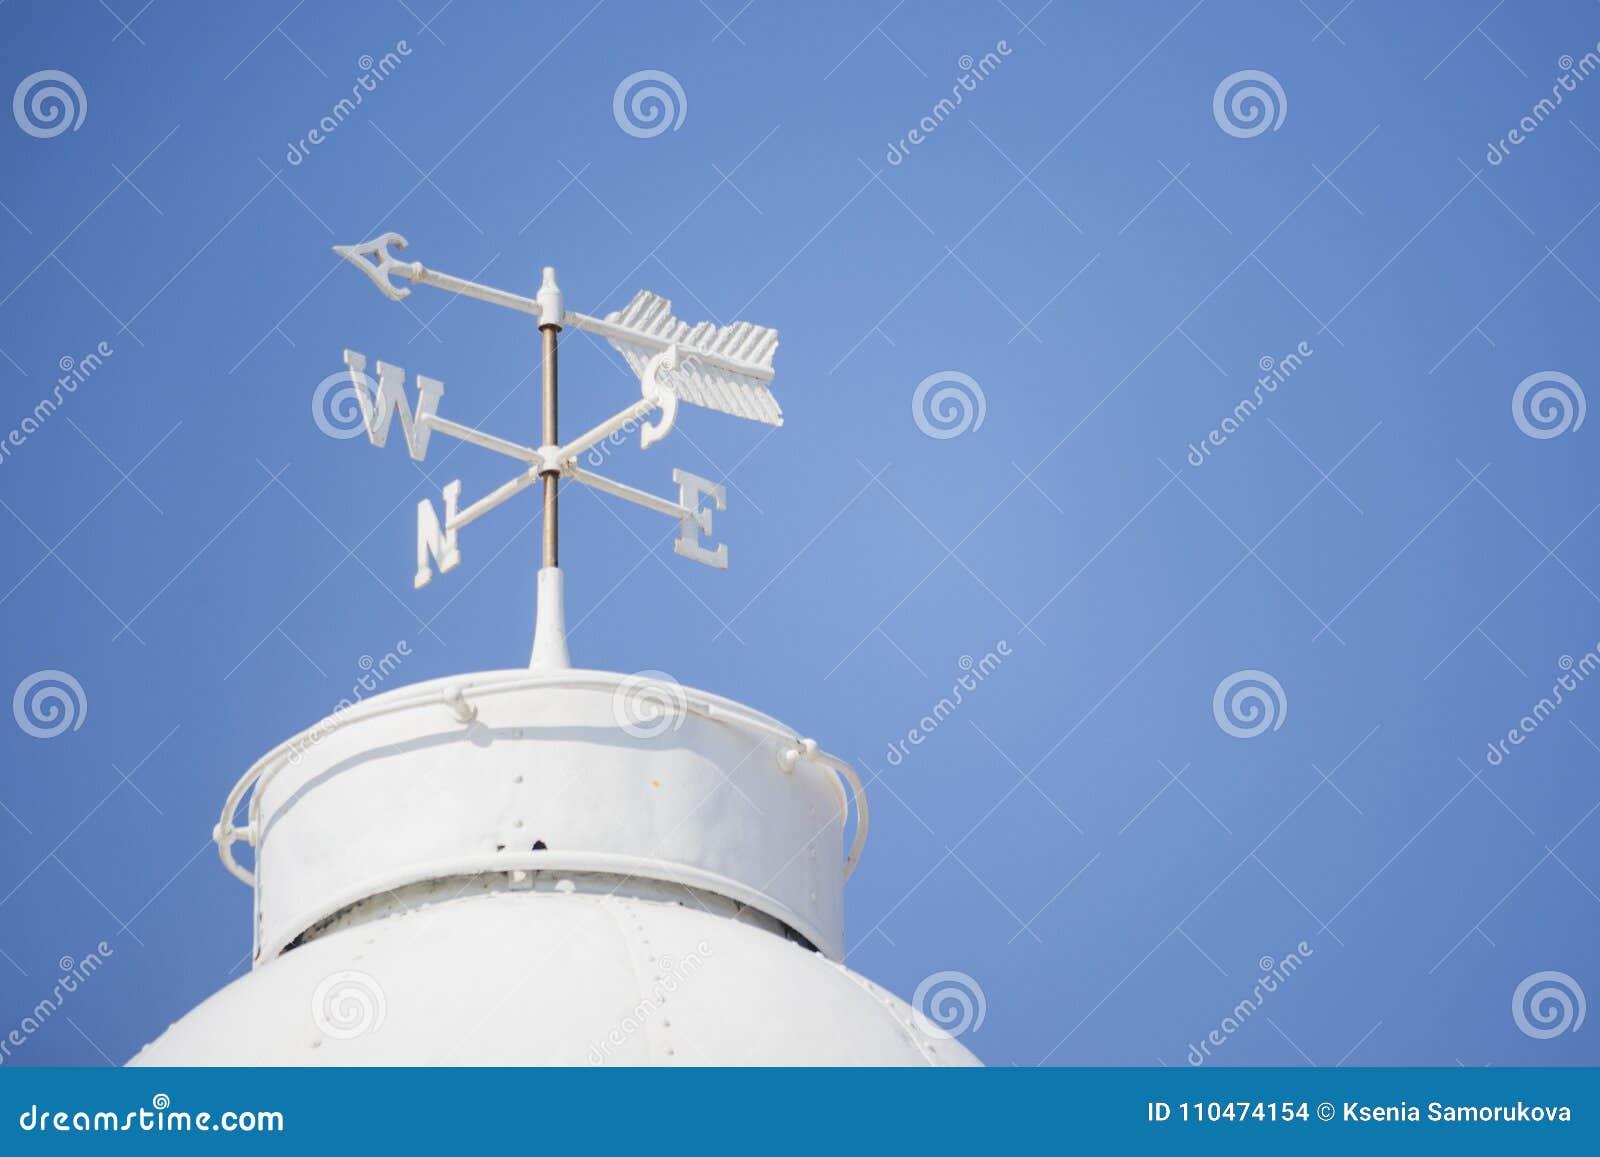 Άσπρο καιρικό vane στη στέγη